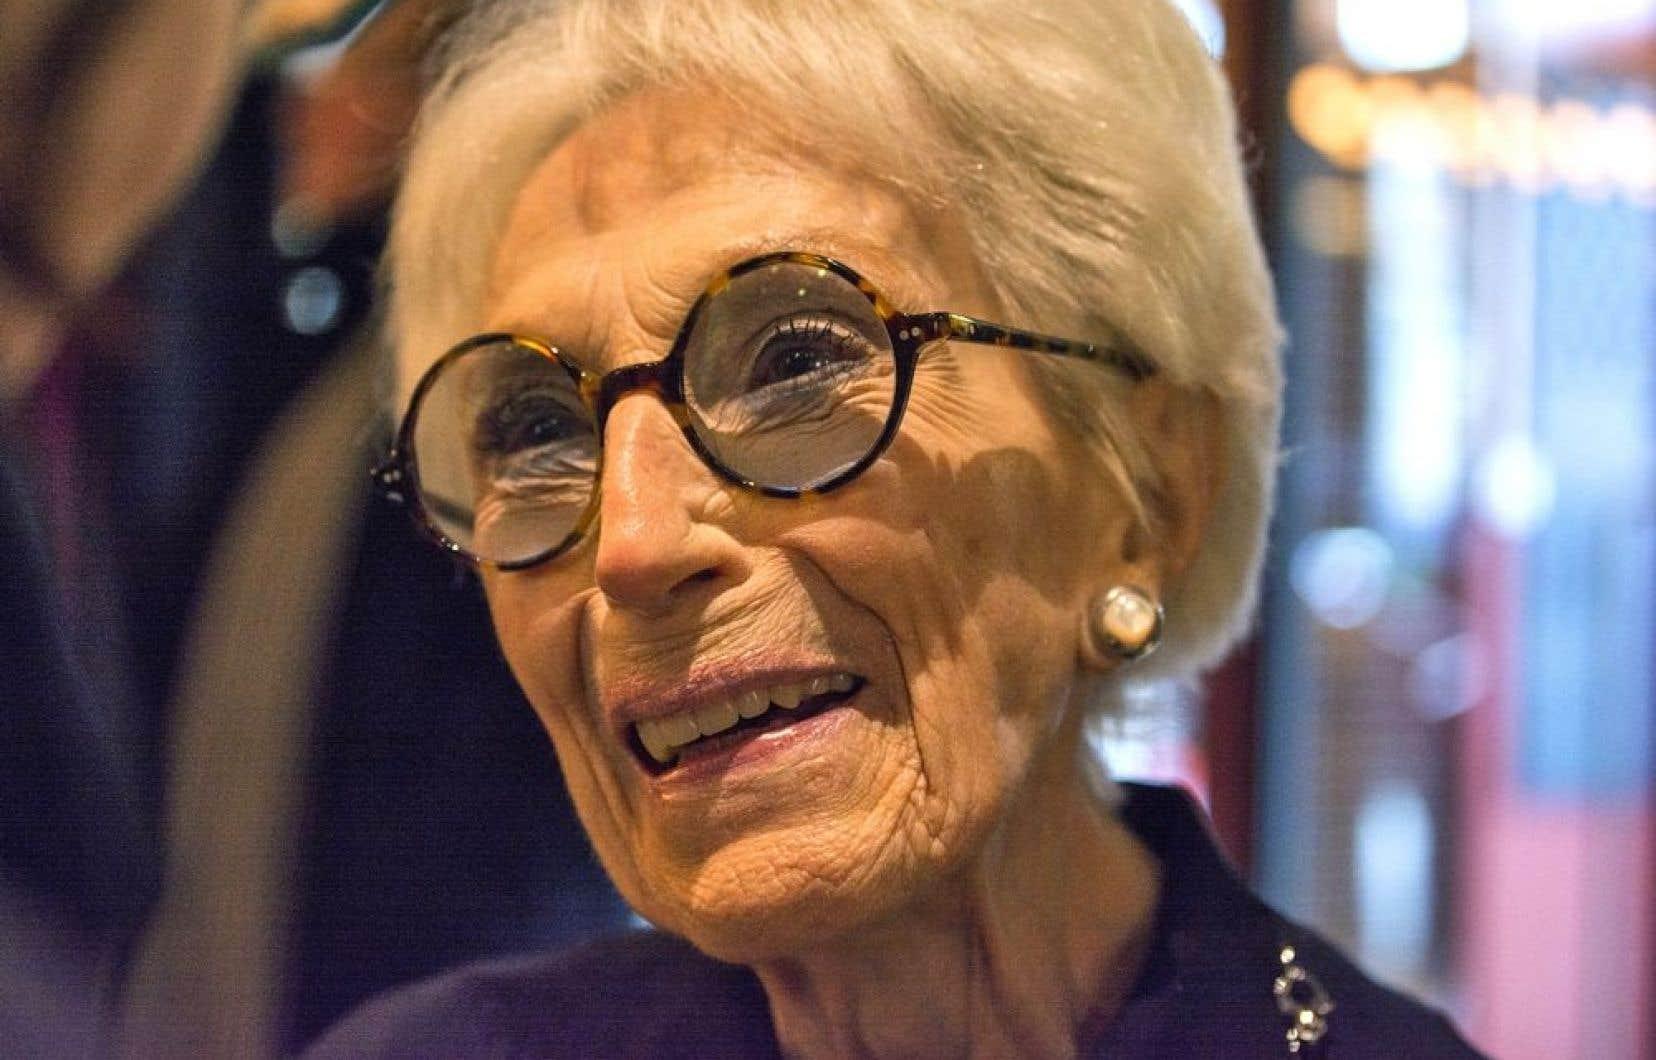 <em>&laquo;Je suis contente que &ccedil;a arrive &agrave; la fin d&rsquo;une vie, d&rsquo;un m&eacute;tier, parce que c&rsquo;est quand m&ecirc;me reconna&icirc;tre que j&rsquo;ai eu une vie remplie de travail et de passion, donc &ccedil;a me fait plaisir&raquo;</em>, a confi&eacute; Janine Sutto, qui aura 93 ans en avril.